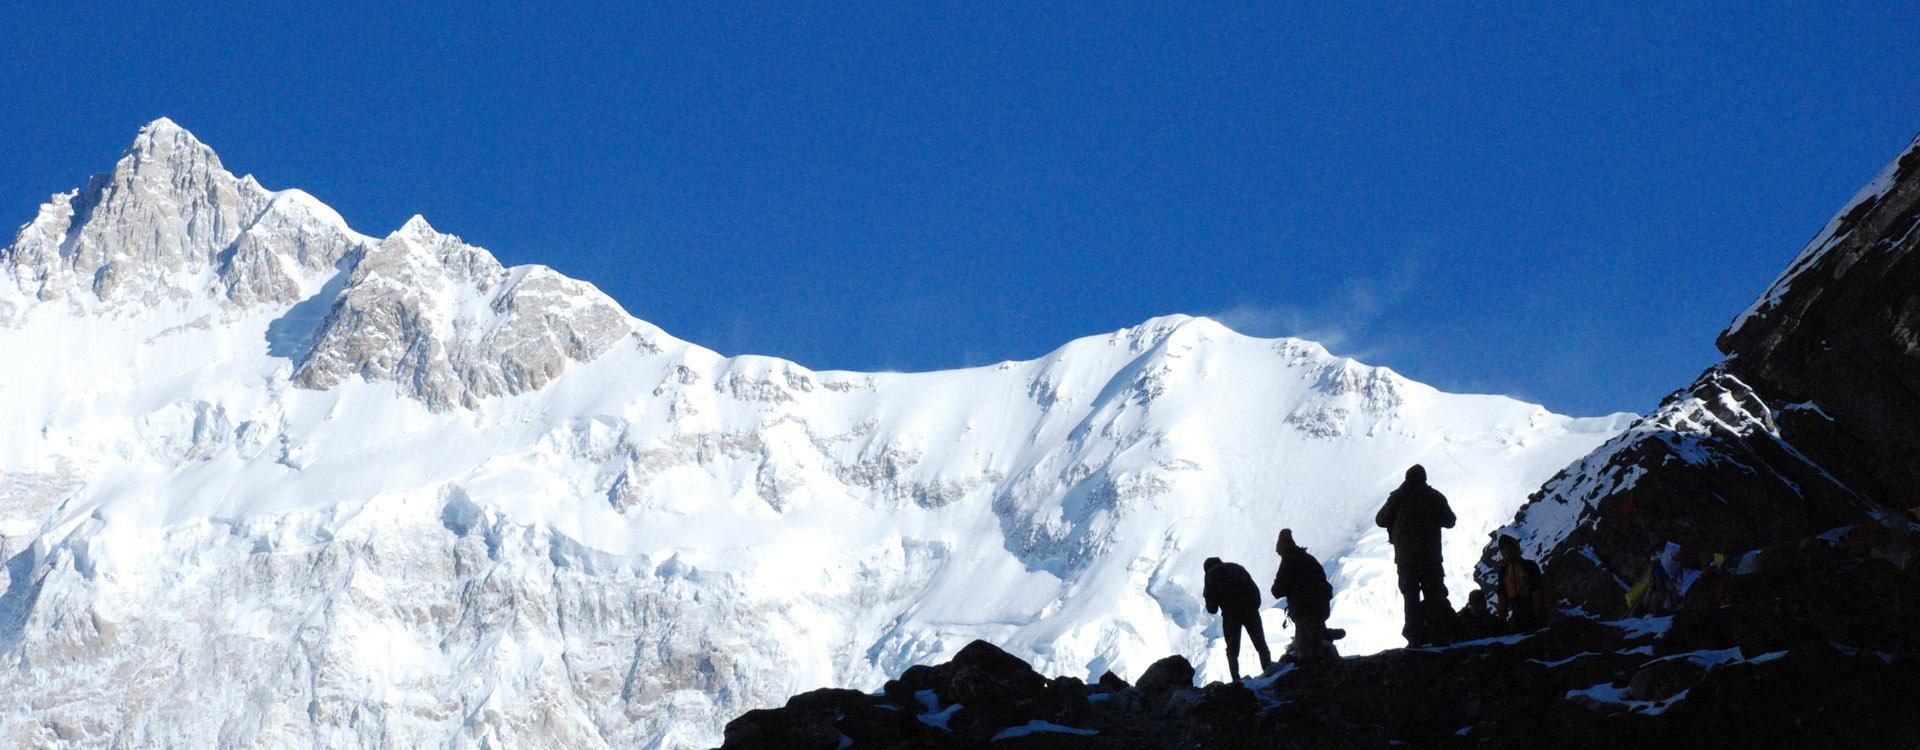 Mt Kanchenjunga from Goechela Pass Sikkim